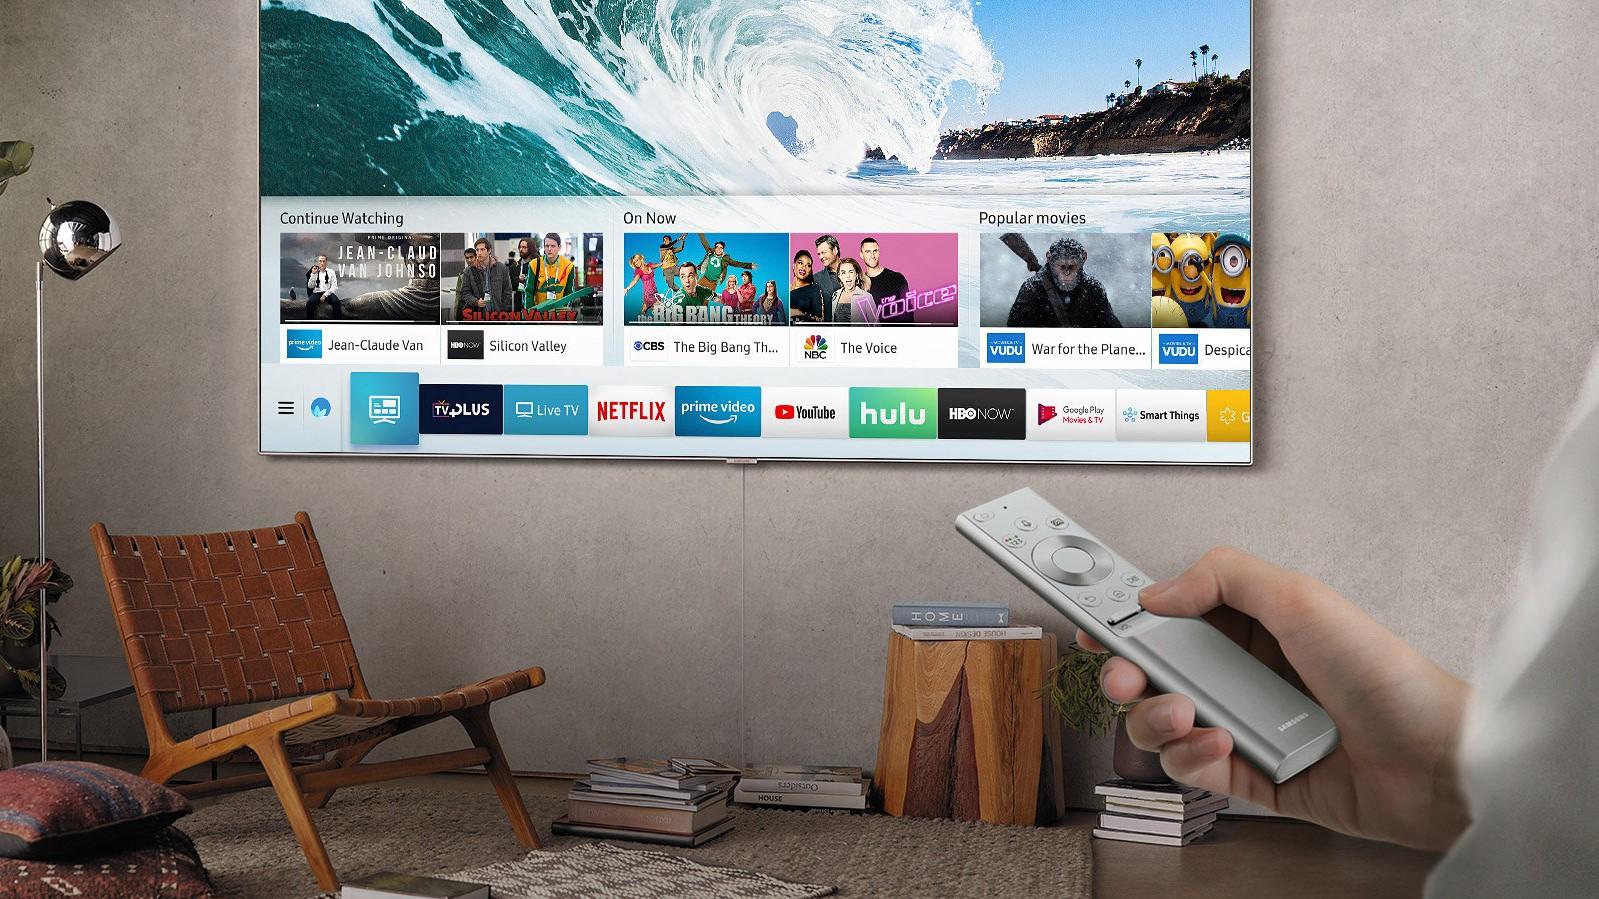 Samsung TV 2020: každý nový QLED a LED televízor Samsung prichádza tento rok 6